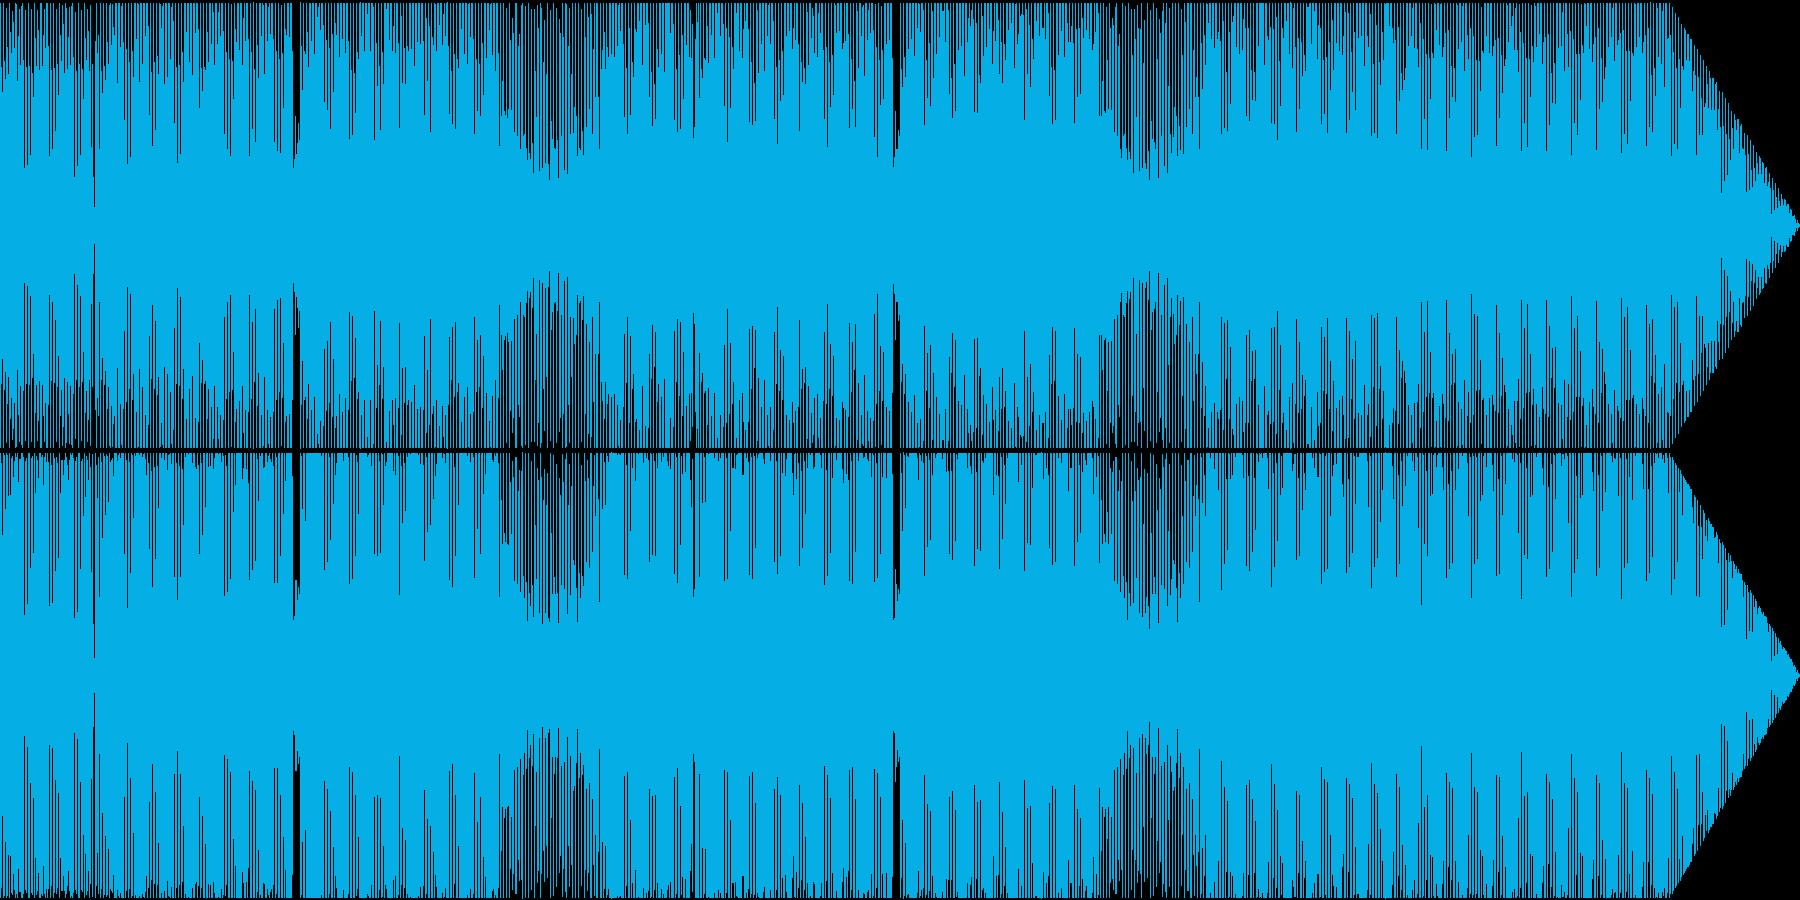 心地よいファンキーなポップミュージックの再生済みの波形